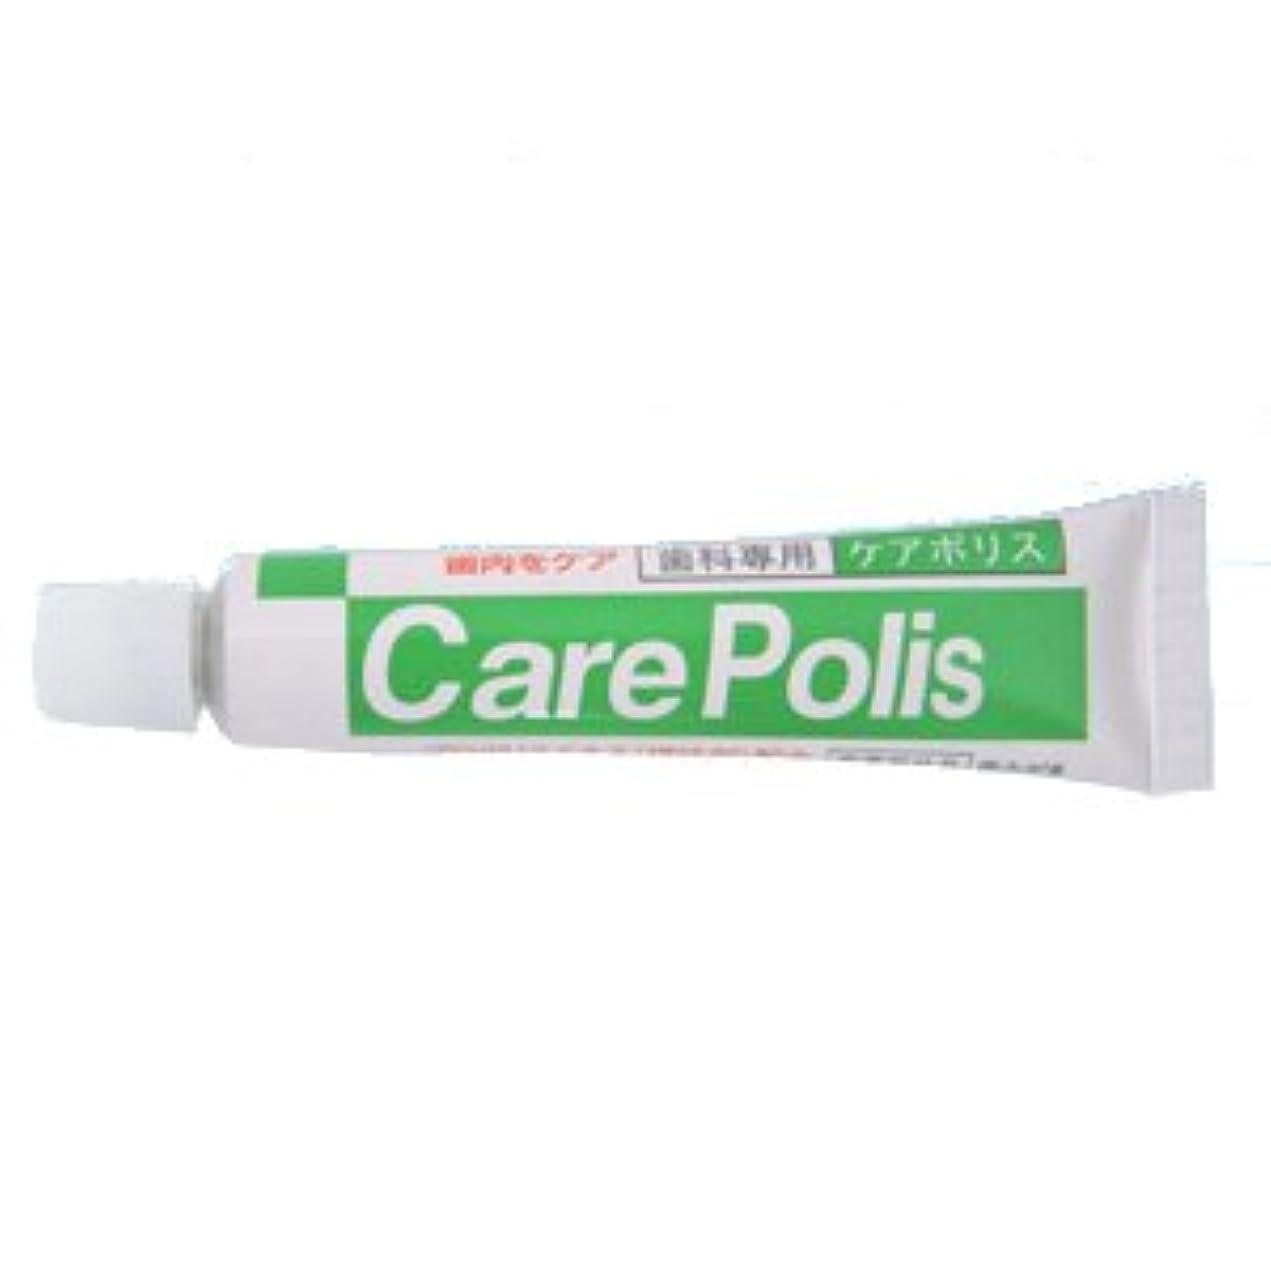 不十分平均悪化させる薬用歯磨 ケアポリス 7g 医薬部外品